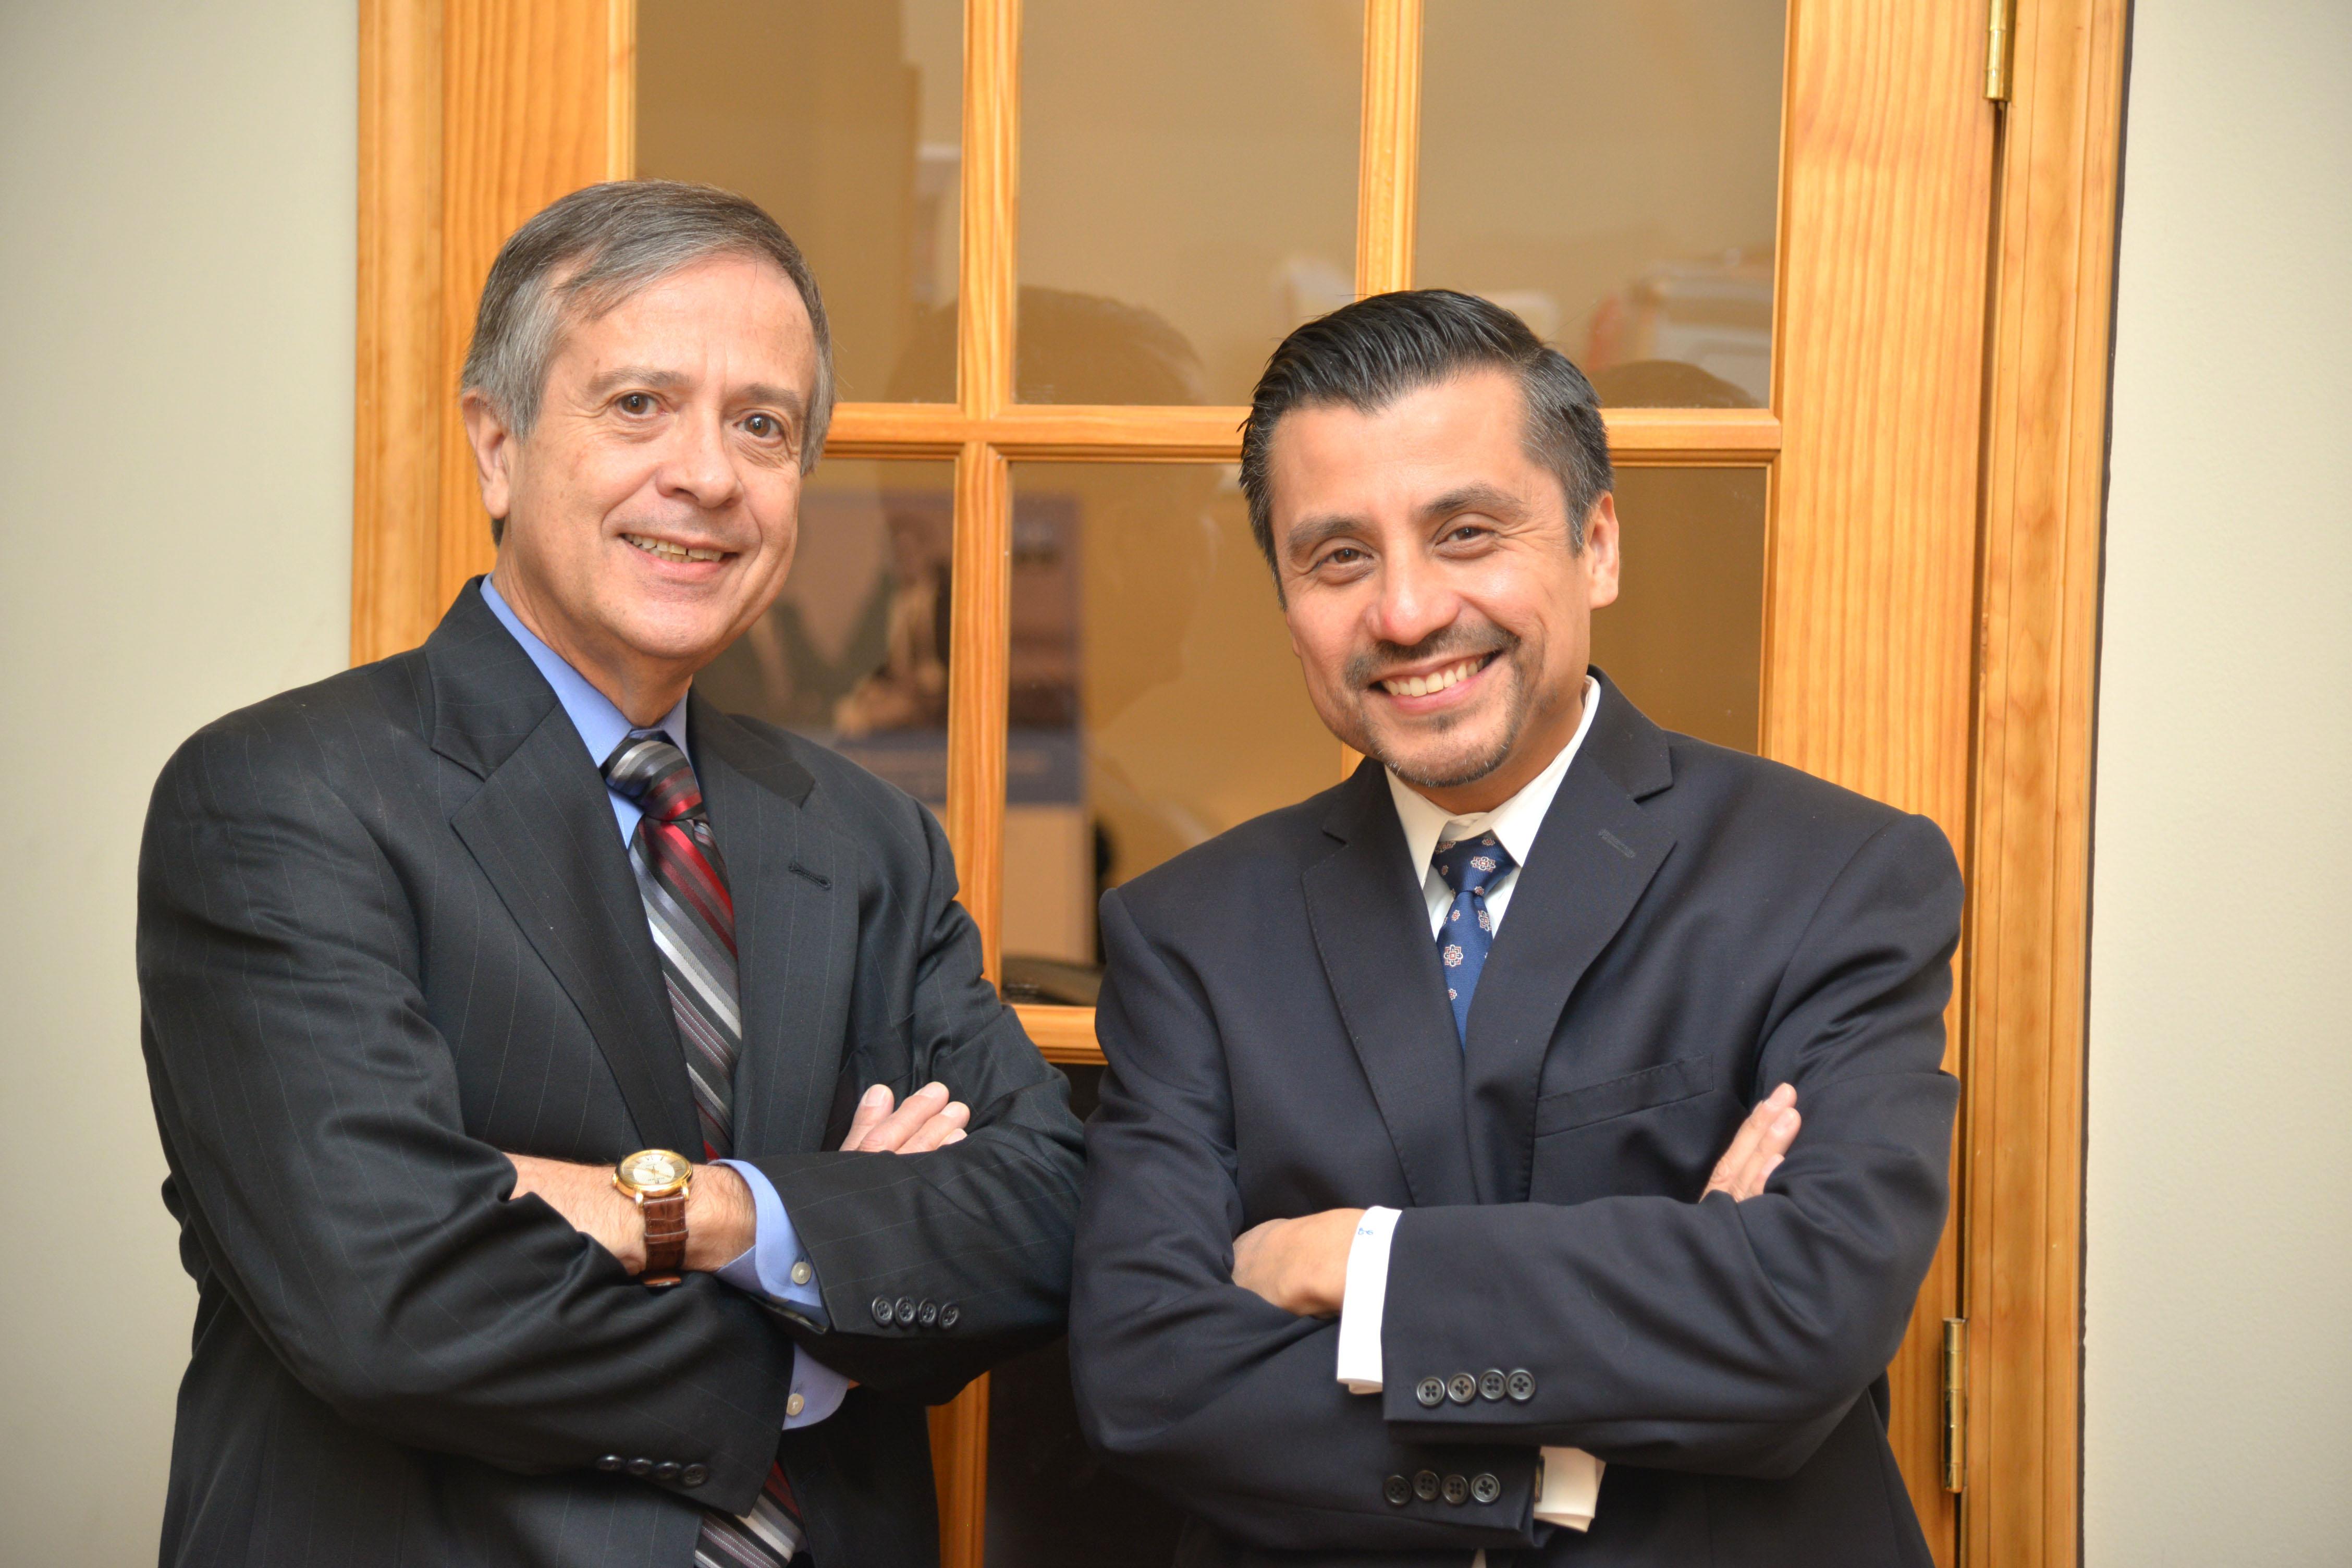 Alumni business partners Enrique Lopez and Julio Rodriguez.